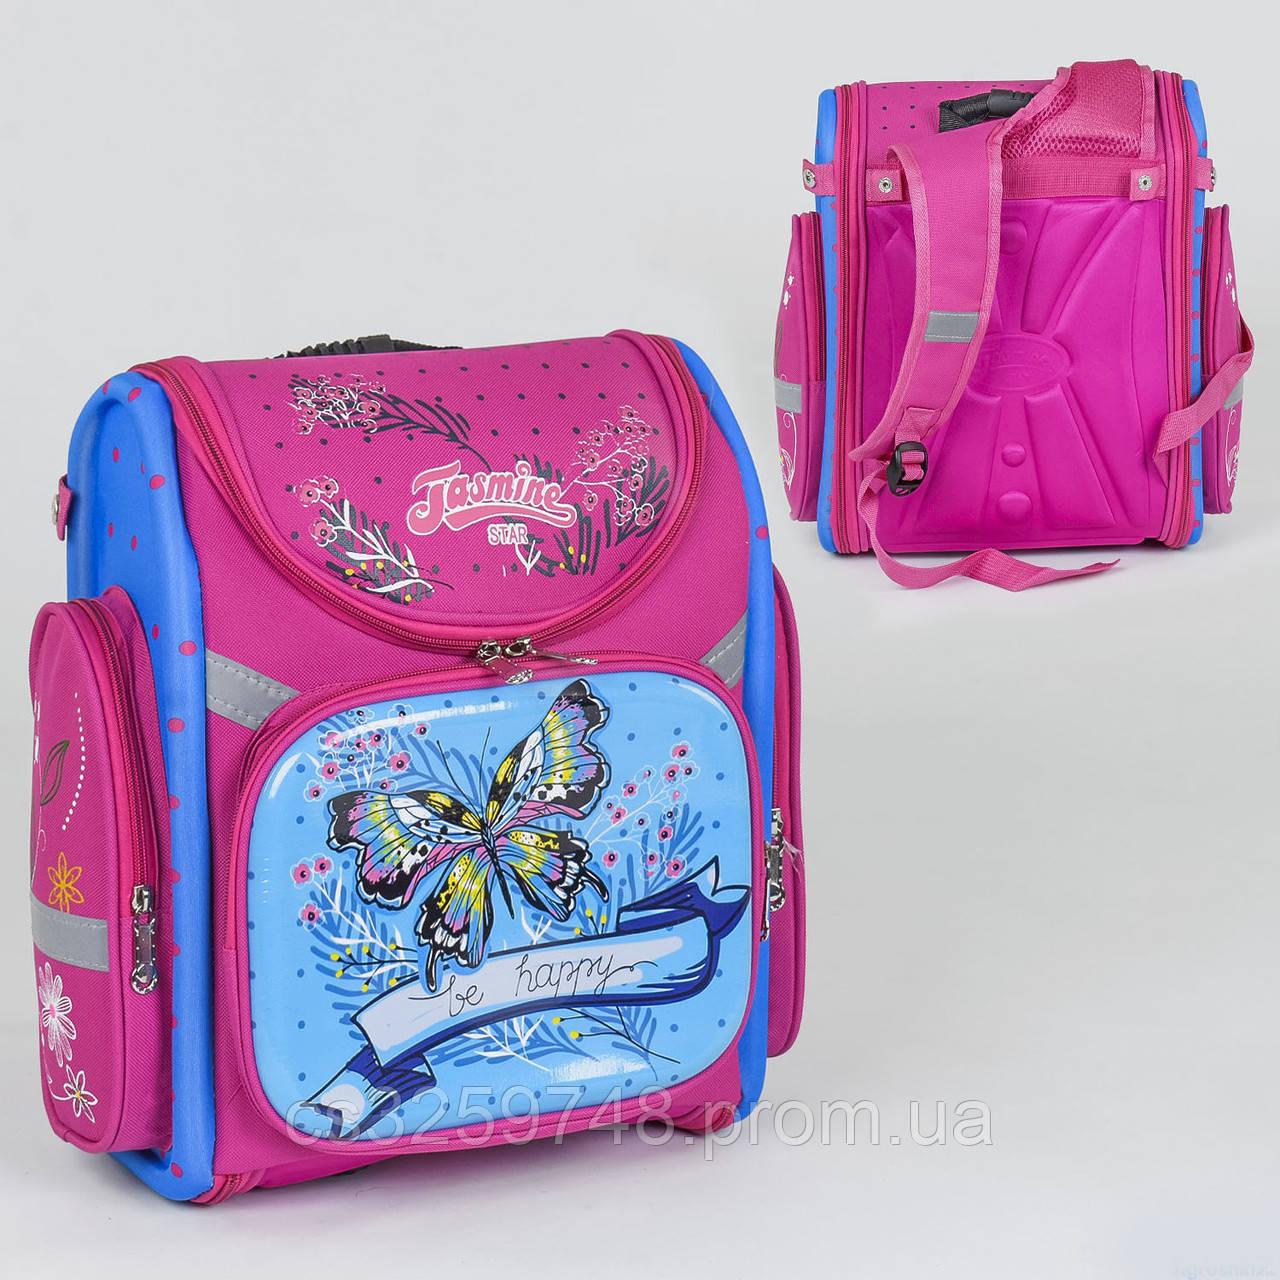 Рюкзак школьный каркасный C 36186, 1 отделение, 3 кармана, спинка ортопедическая